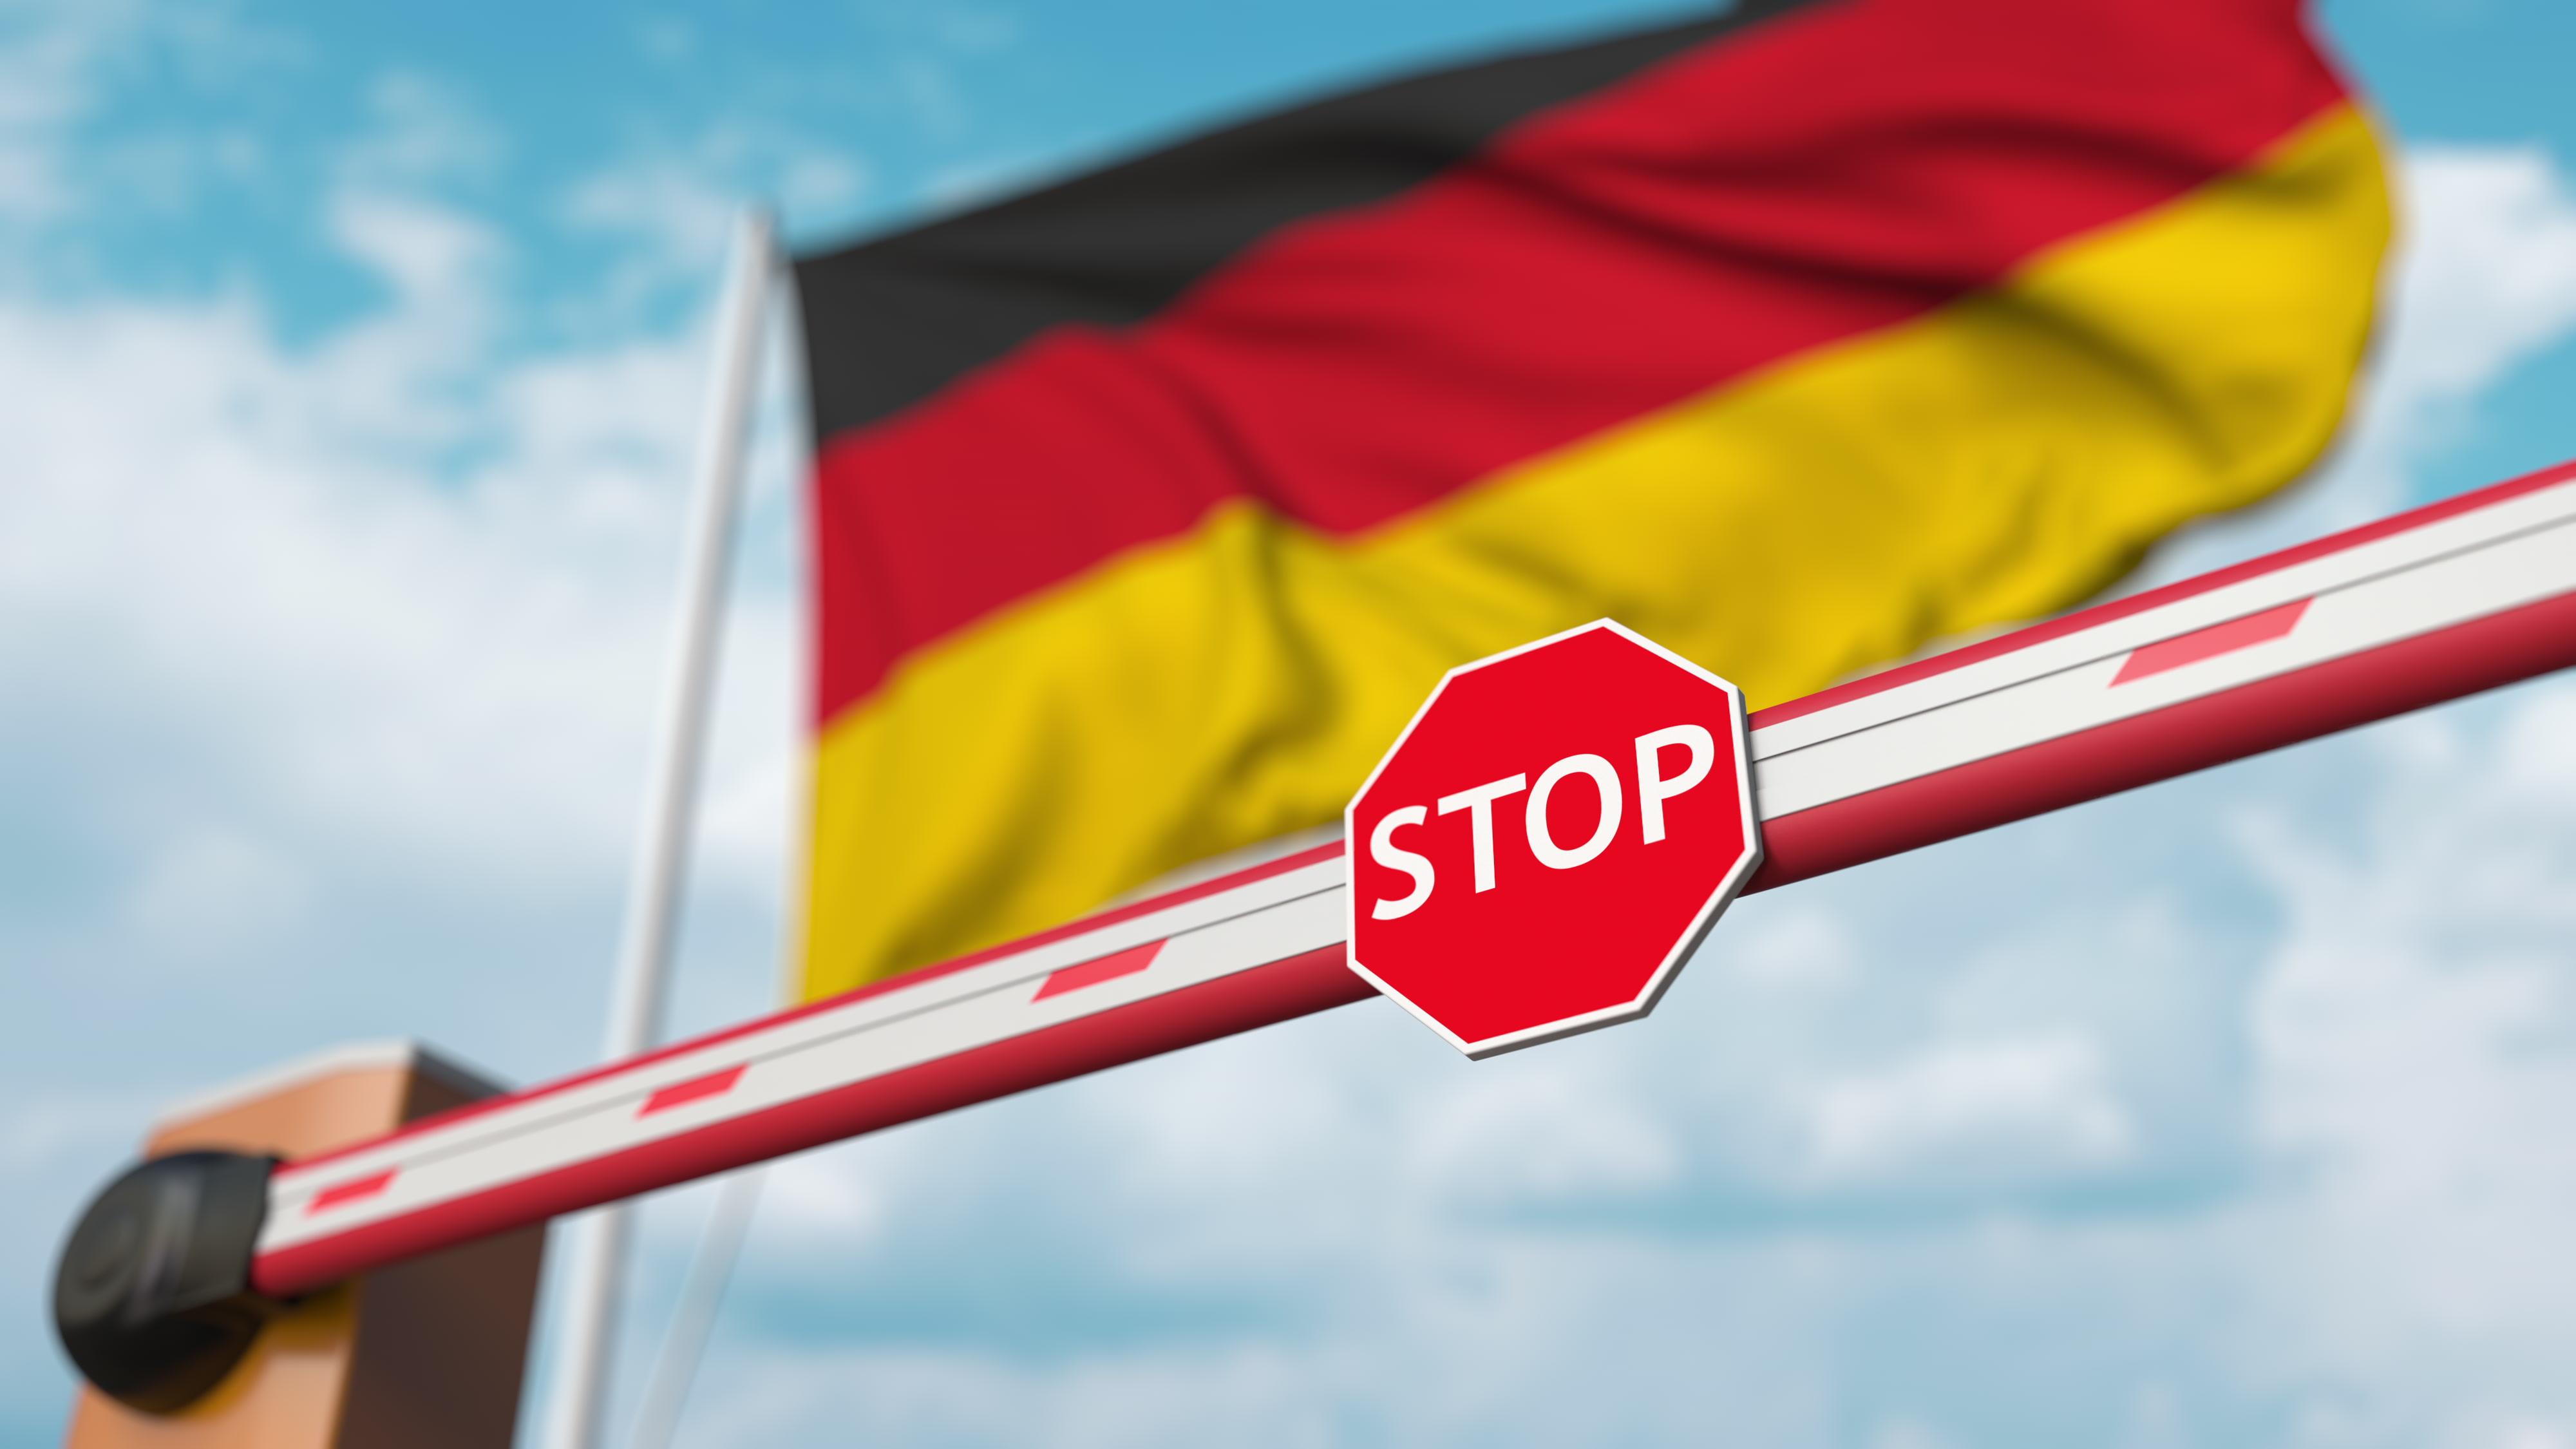 Germania va ridica mai multe restricţii, doar pentru persoanele vaccinate împotriva Covid-19